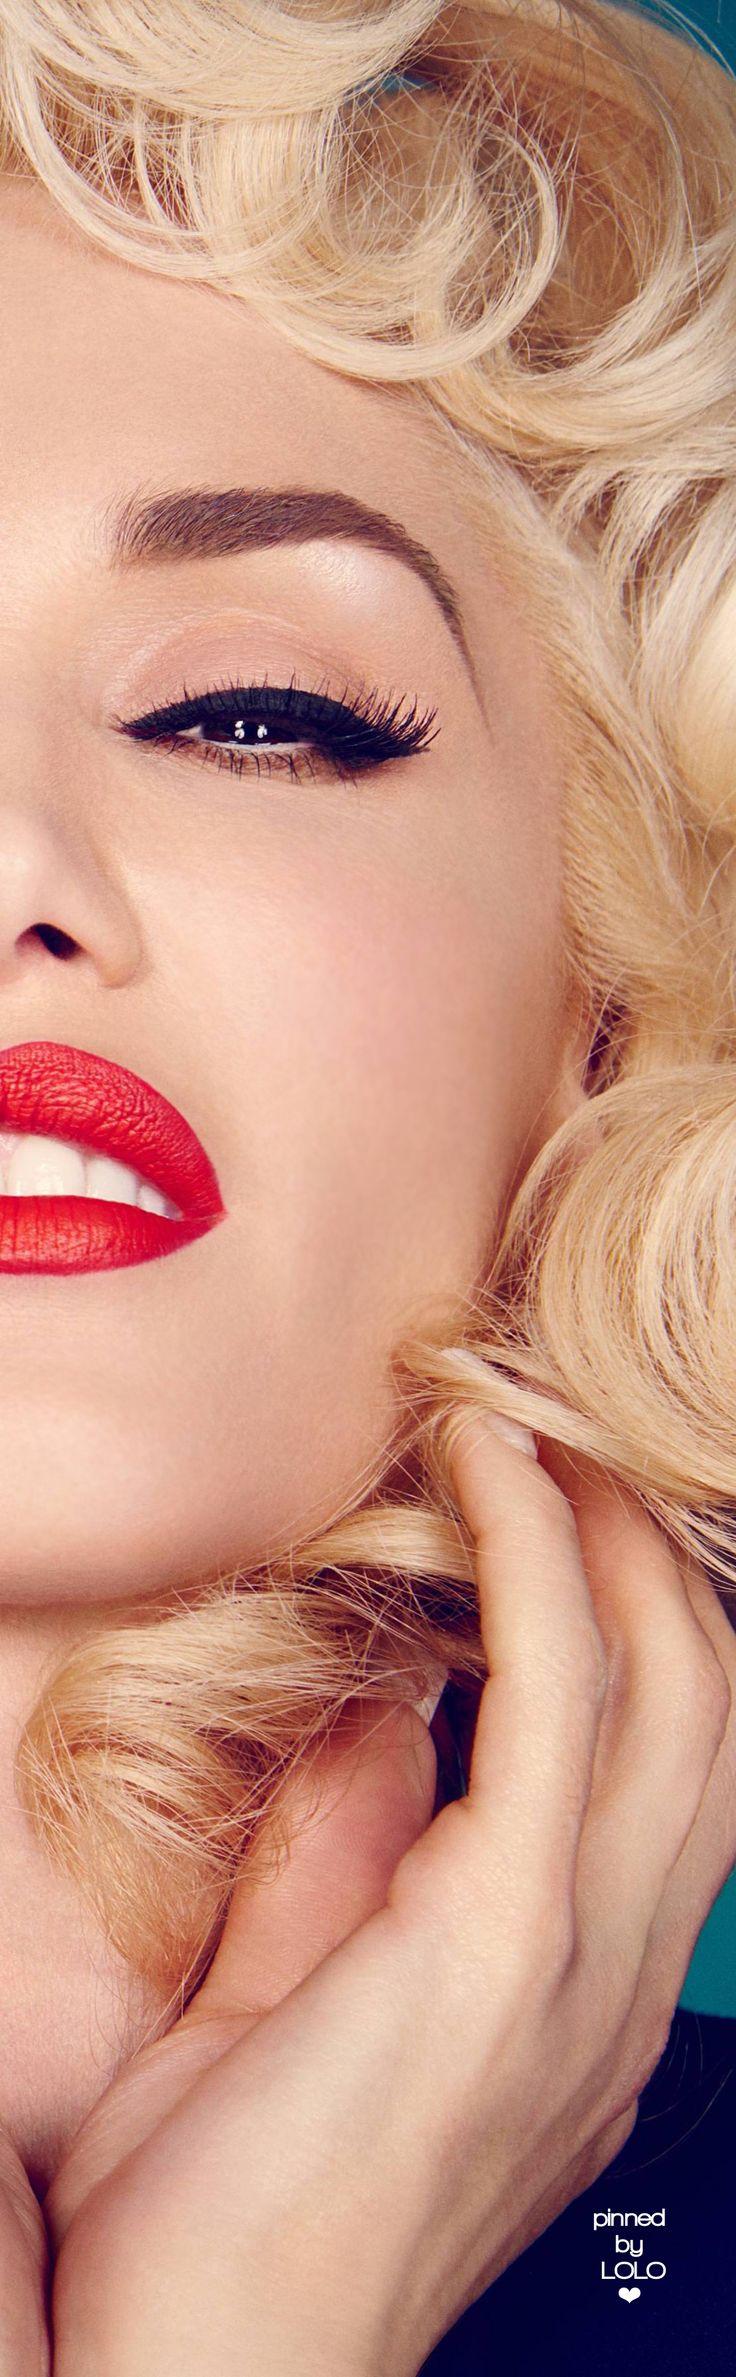 Gwen Stefani | LOLO❤︎